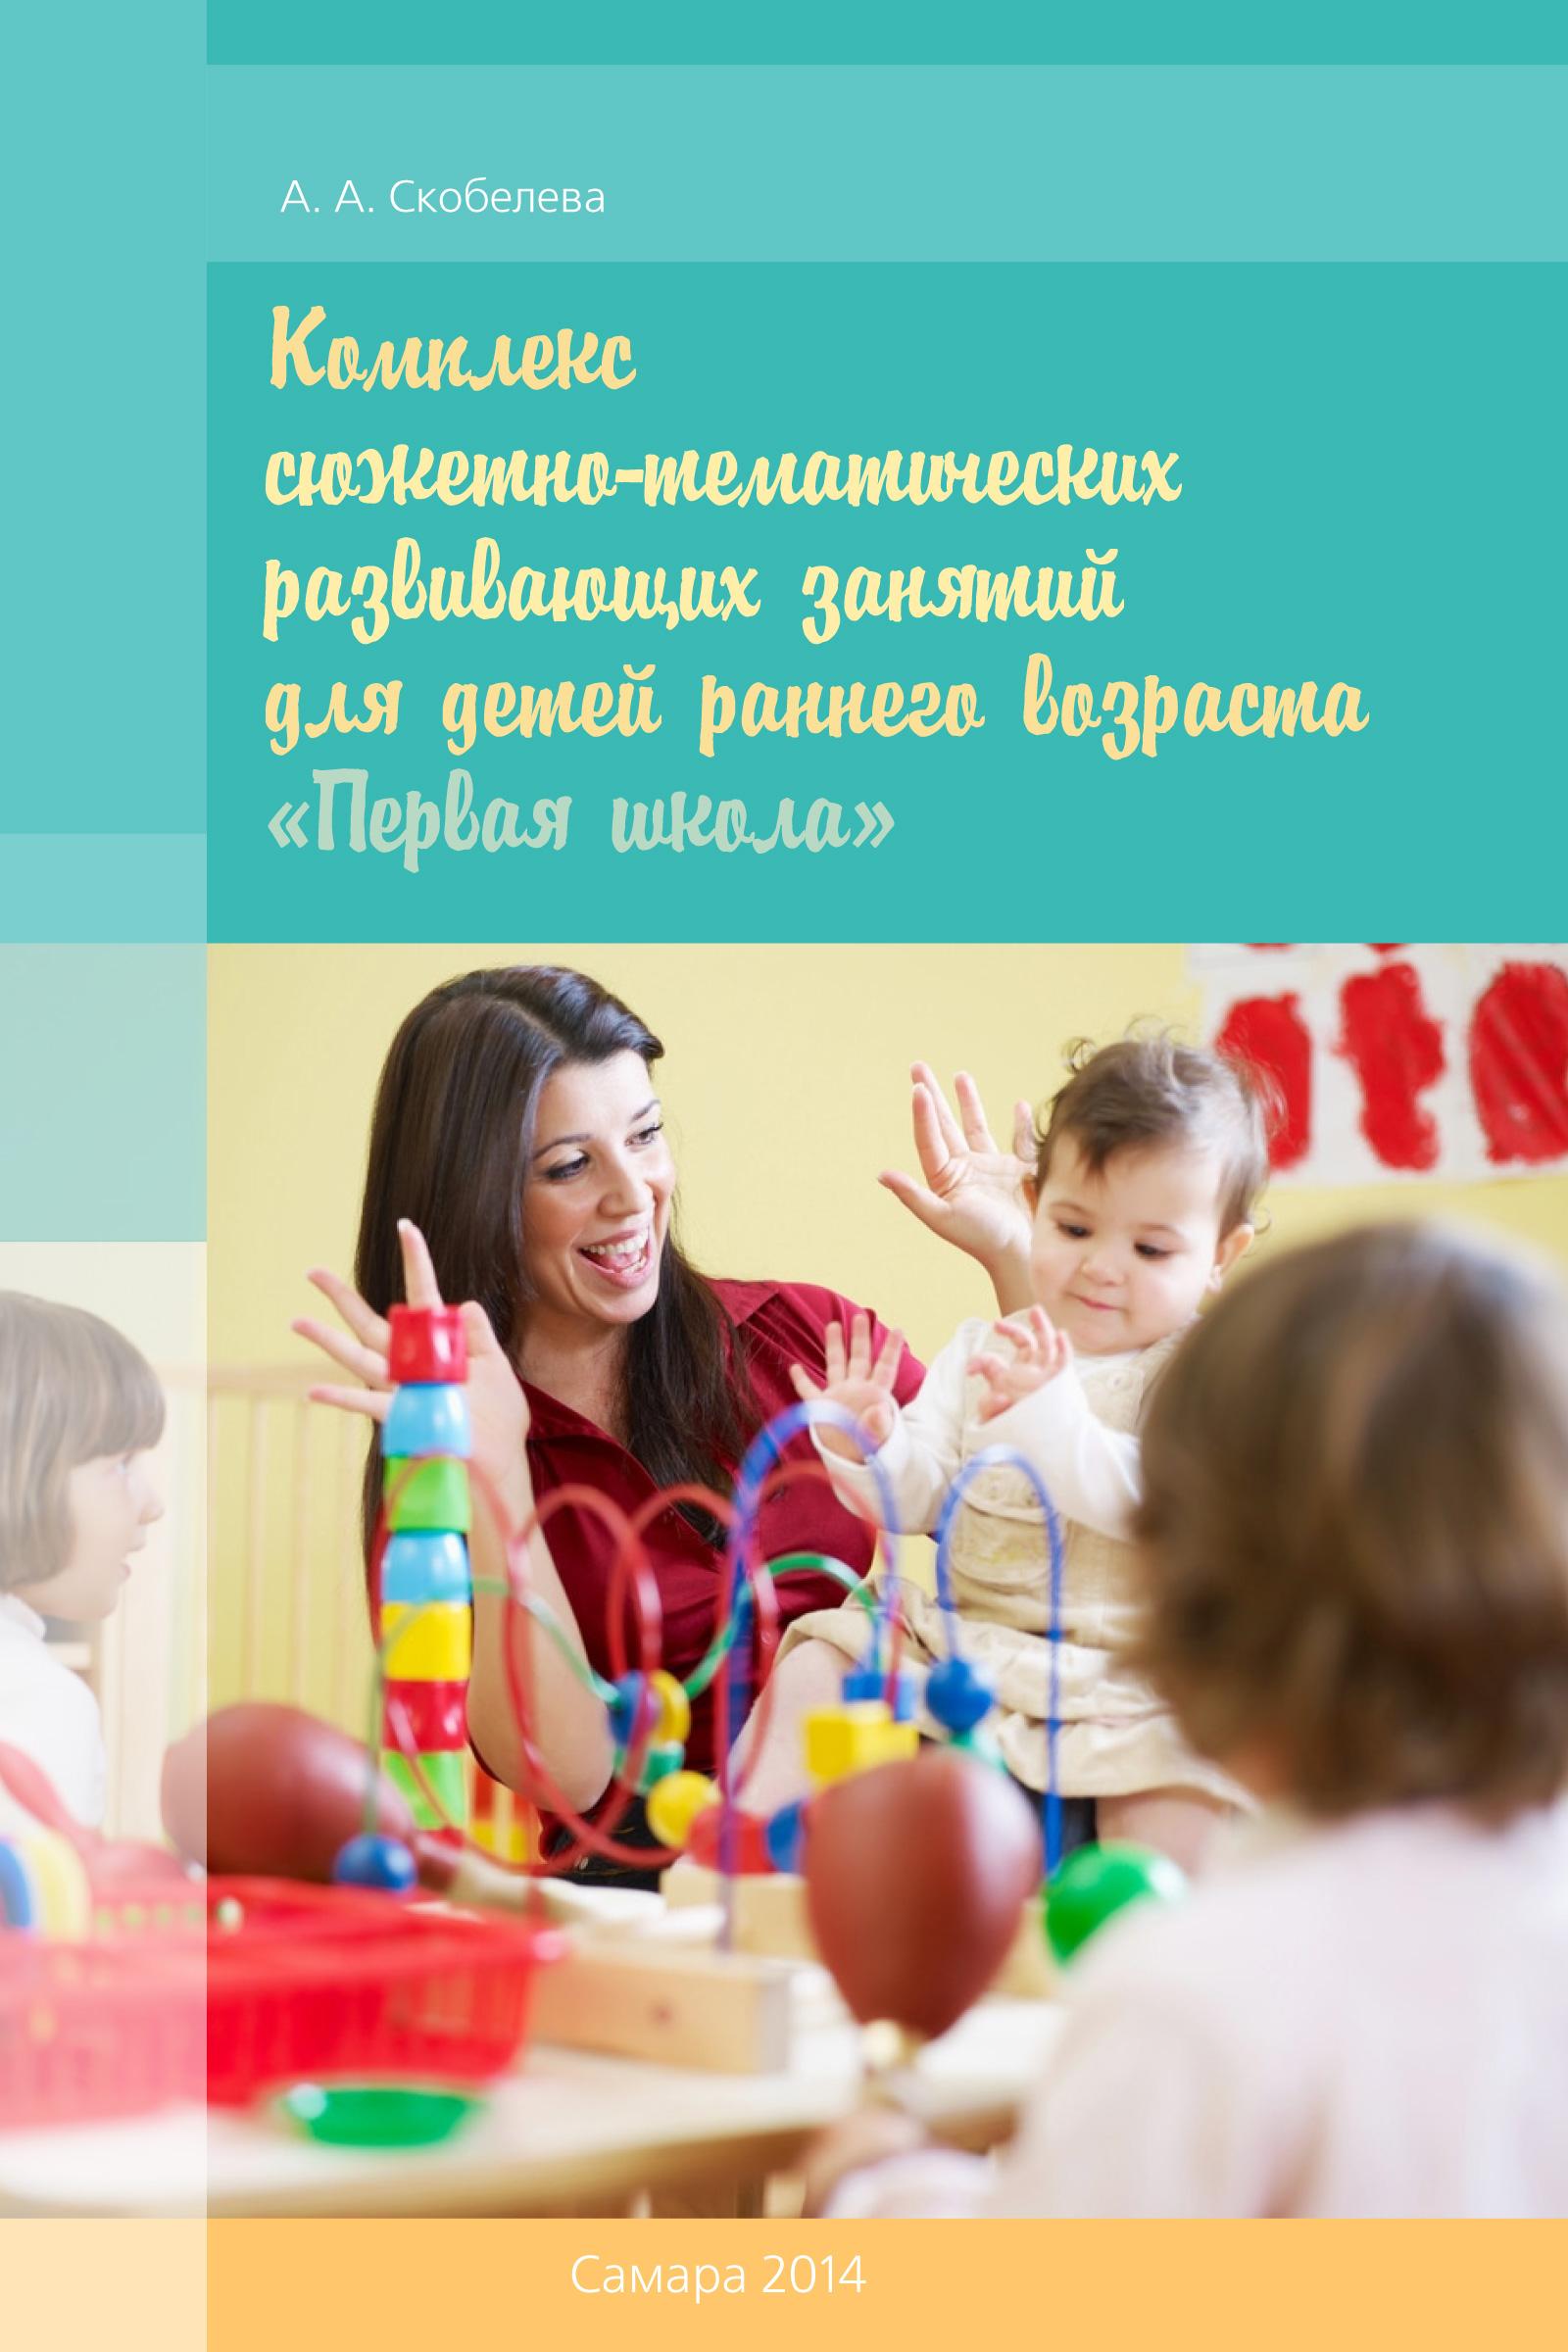 Алина Скобелева Комплекс сюжетно-тематических развивающих занятий для детей раннего возраста «Первая школа» новую весту в тольятти